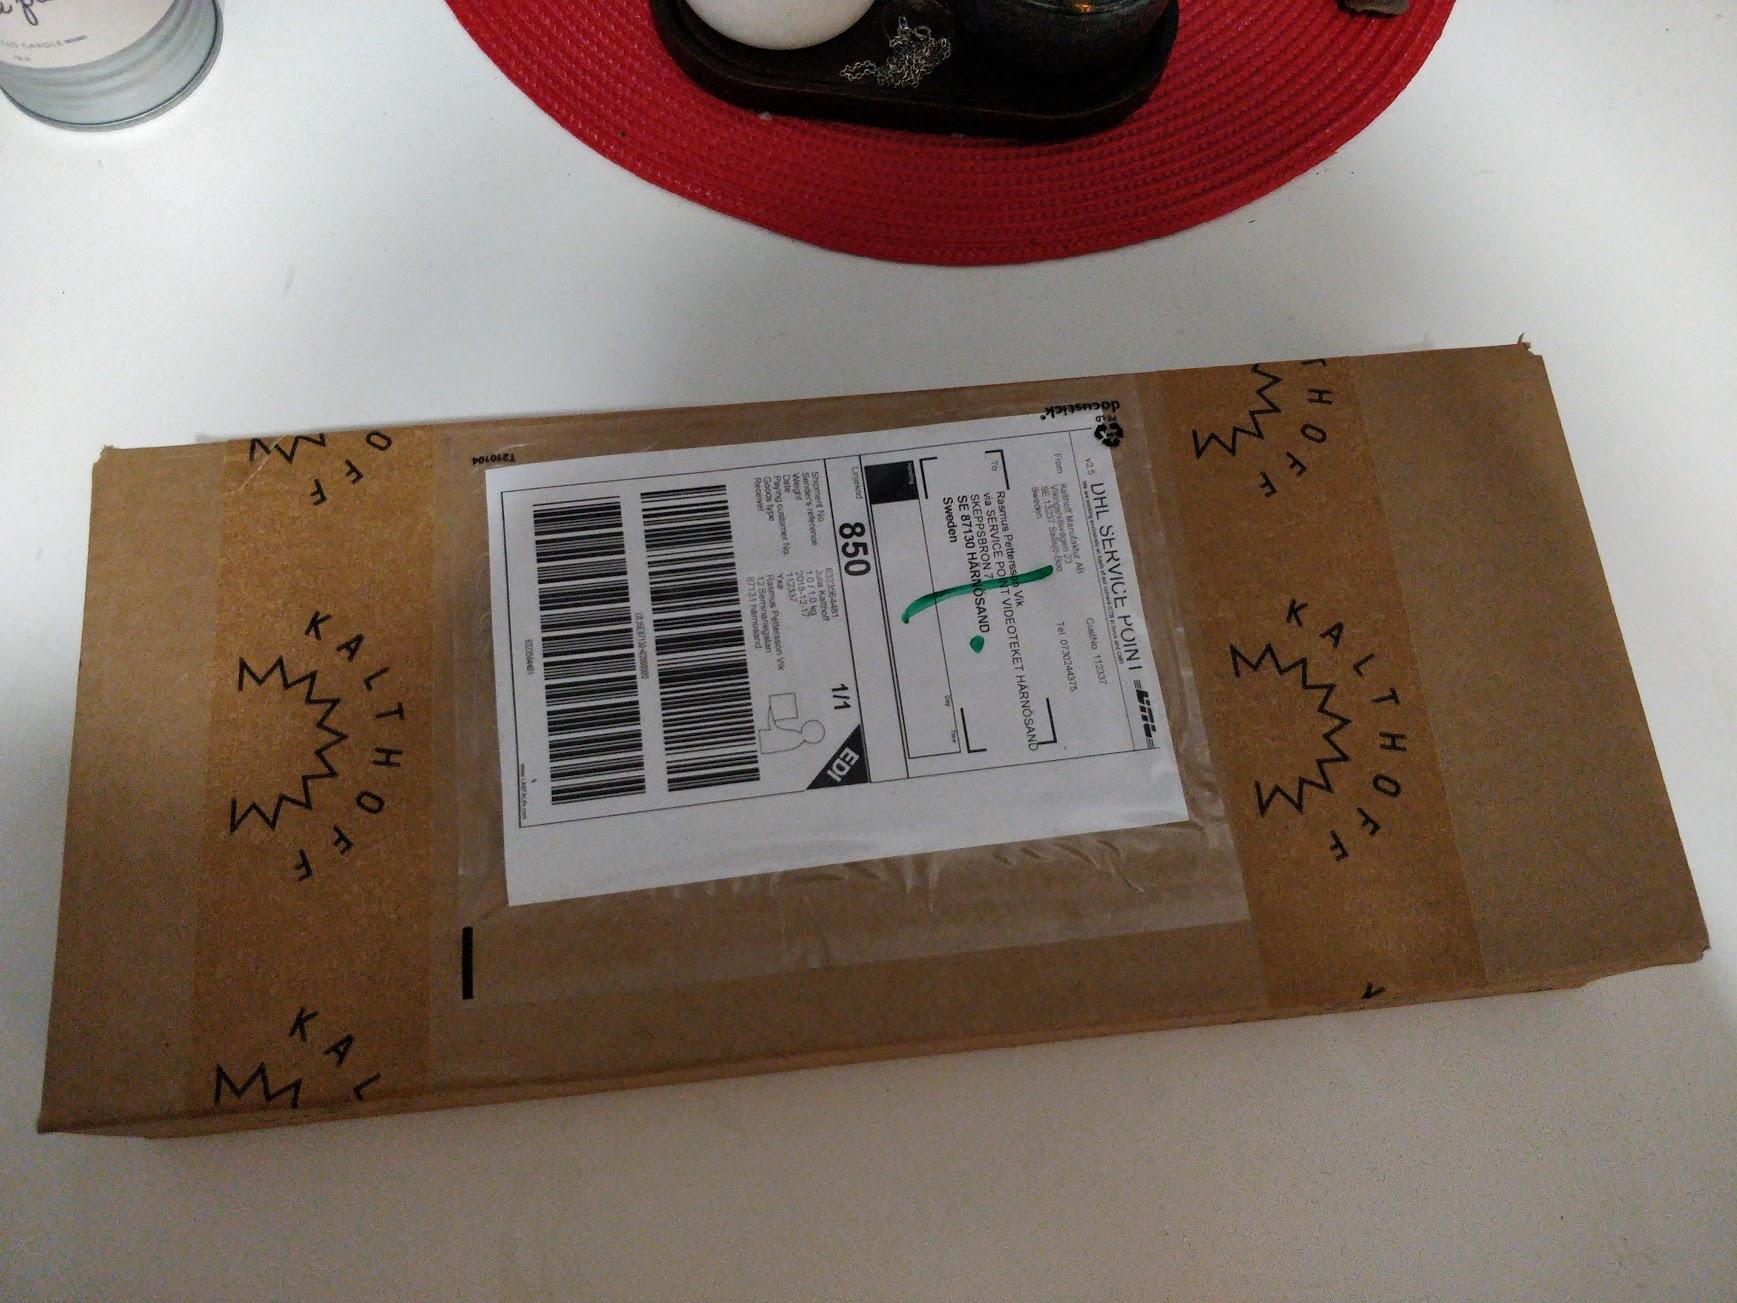 Paket till mig!